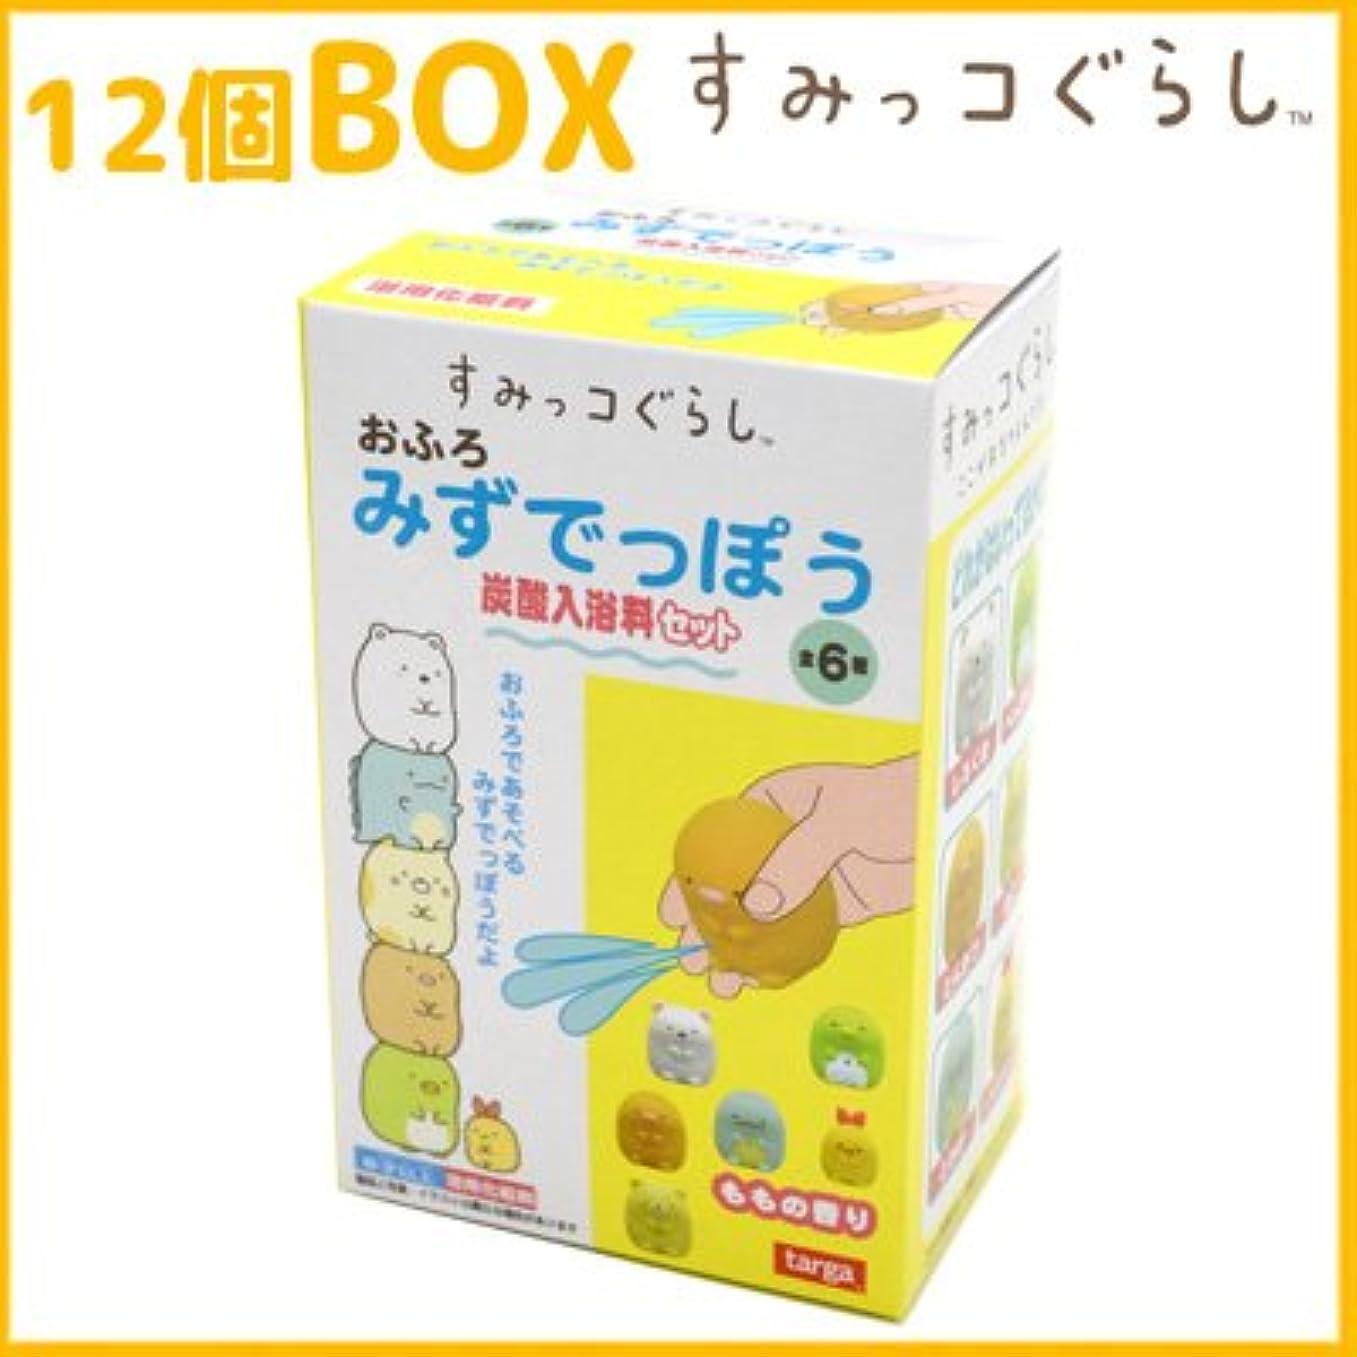 エラースライス文字すみっコぐらしおふろみずてっぽう炭酸入浴剤セット12個セットBOX販売